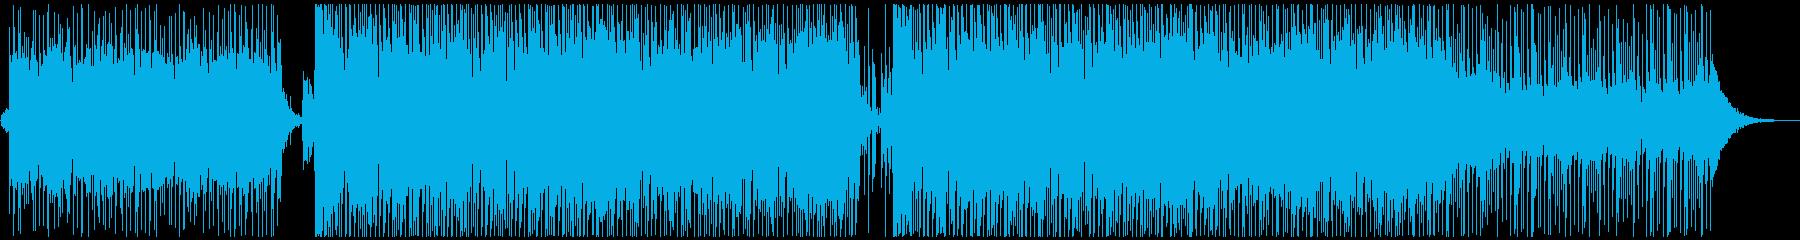 和風EDMの明るいオープニング楽曲の再生済みの波形